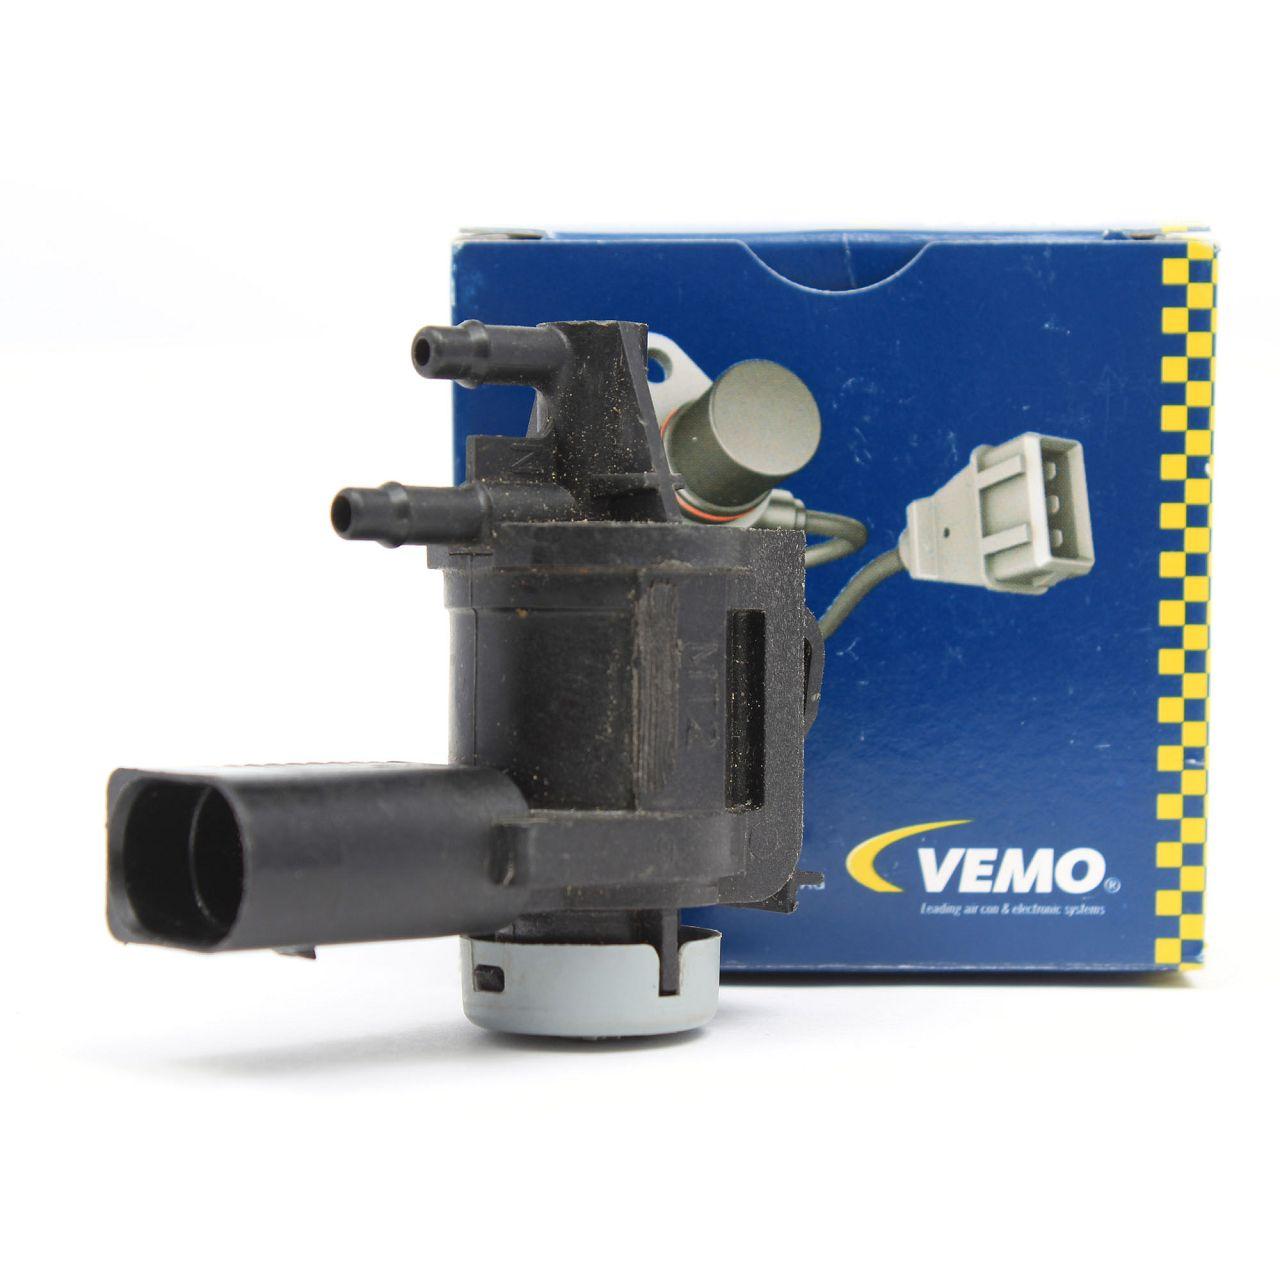 VEMO Ladedruckventil Magnetventil AUDI SEAT SKODA VW 1.6-3.0 TDI 1K0906283A